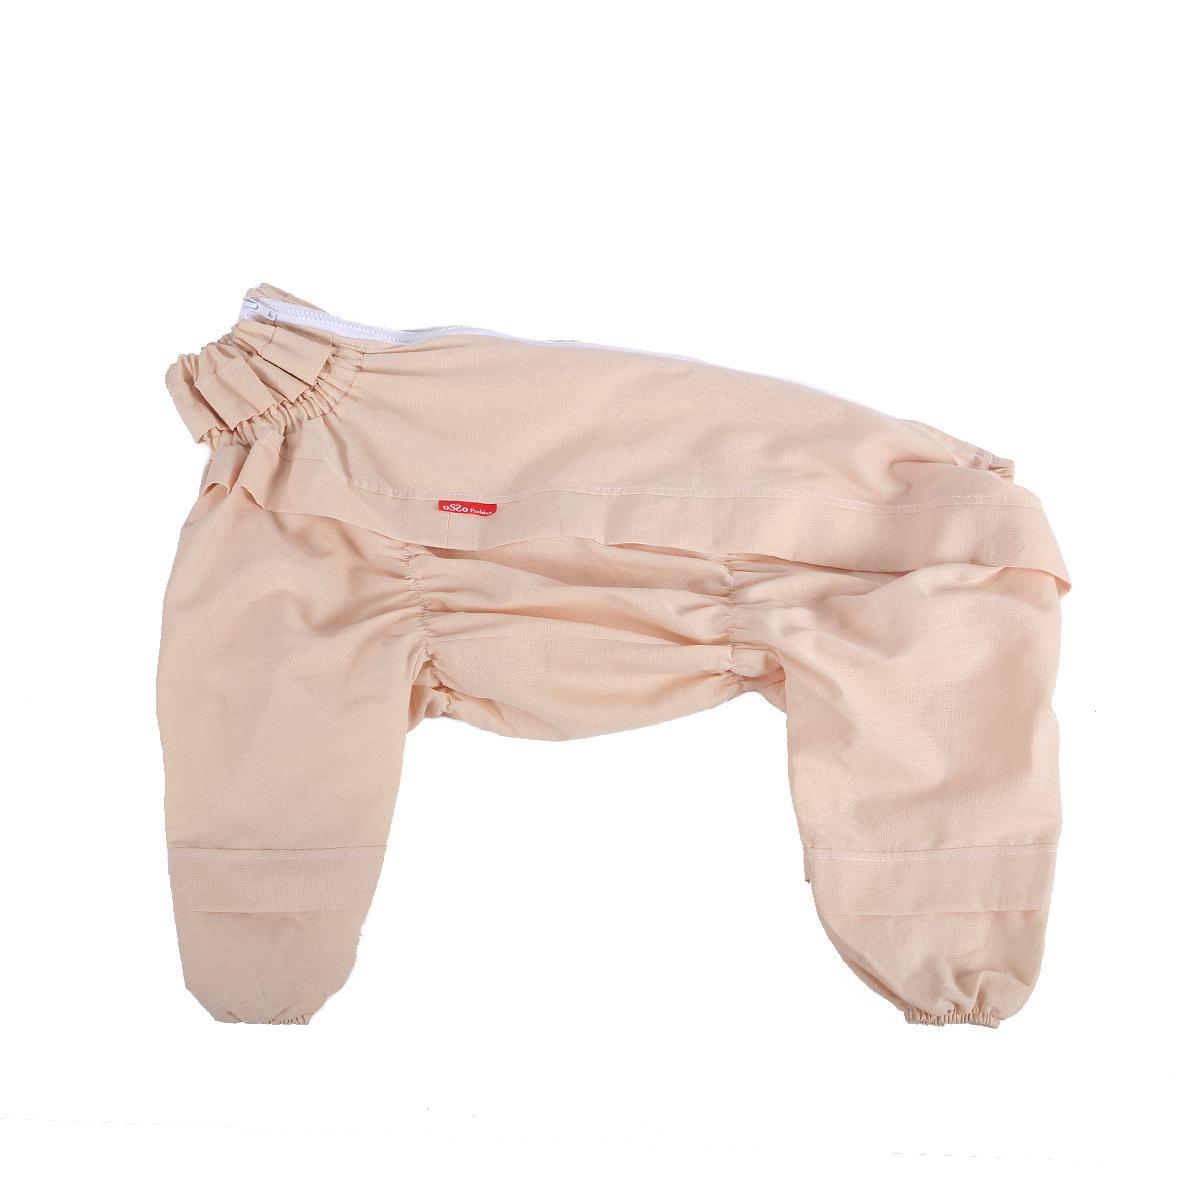 Комбинезон для собак OSSO Fashion, от клещей, для мальчика, цвет: бежевый. Размер 70101246Комбинезон для собак OSSO Fashion изготовлен из 100% хлопка, имеет светлую расцветку, на которой сразу будут заметны кровососущие насекомые. Комбинезон предназначен для защиты собак во время прогулок по парку и лесу. Разработан с учетом особенностей поведения клещей. На комбинезоне имеются складки-ловушки на груди, на штанинах, на боках комбинезона и на шее, которые преграждают движение насекомого вверх. Комбинезон очень легкий и удобный. Низ штанин на резинке, на спине застегивается на молнию.Длина спинки: 70 см.Объем груди: 74-104 см.